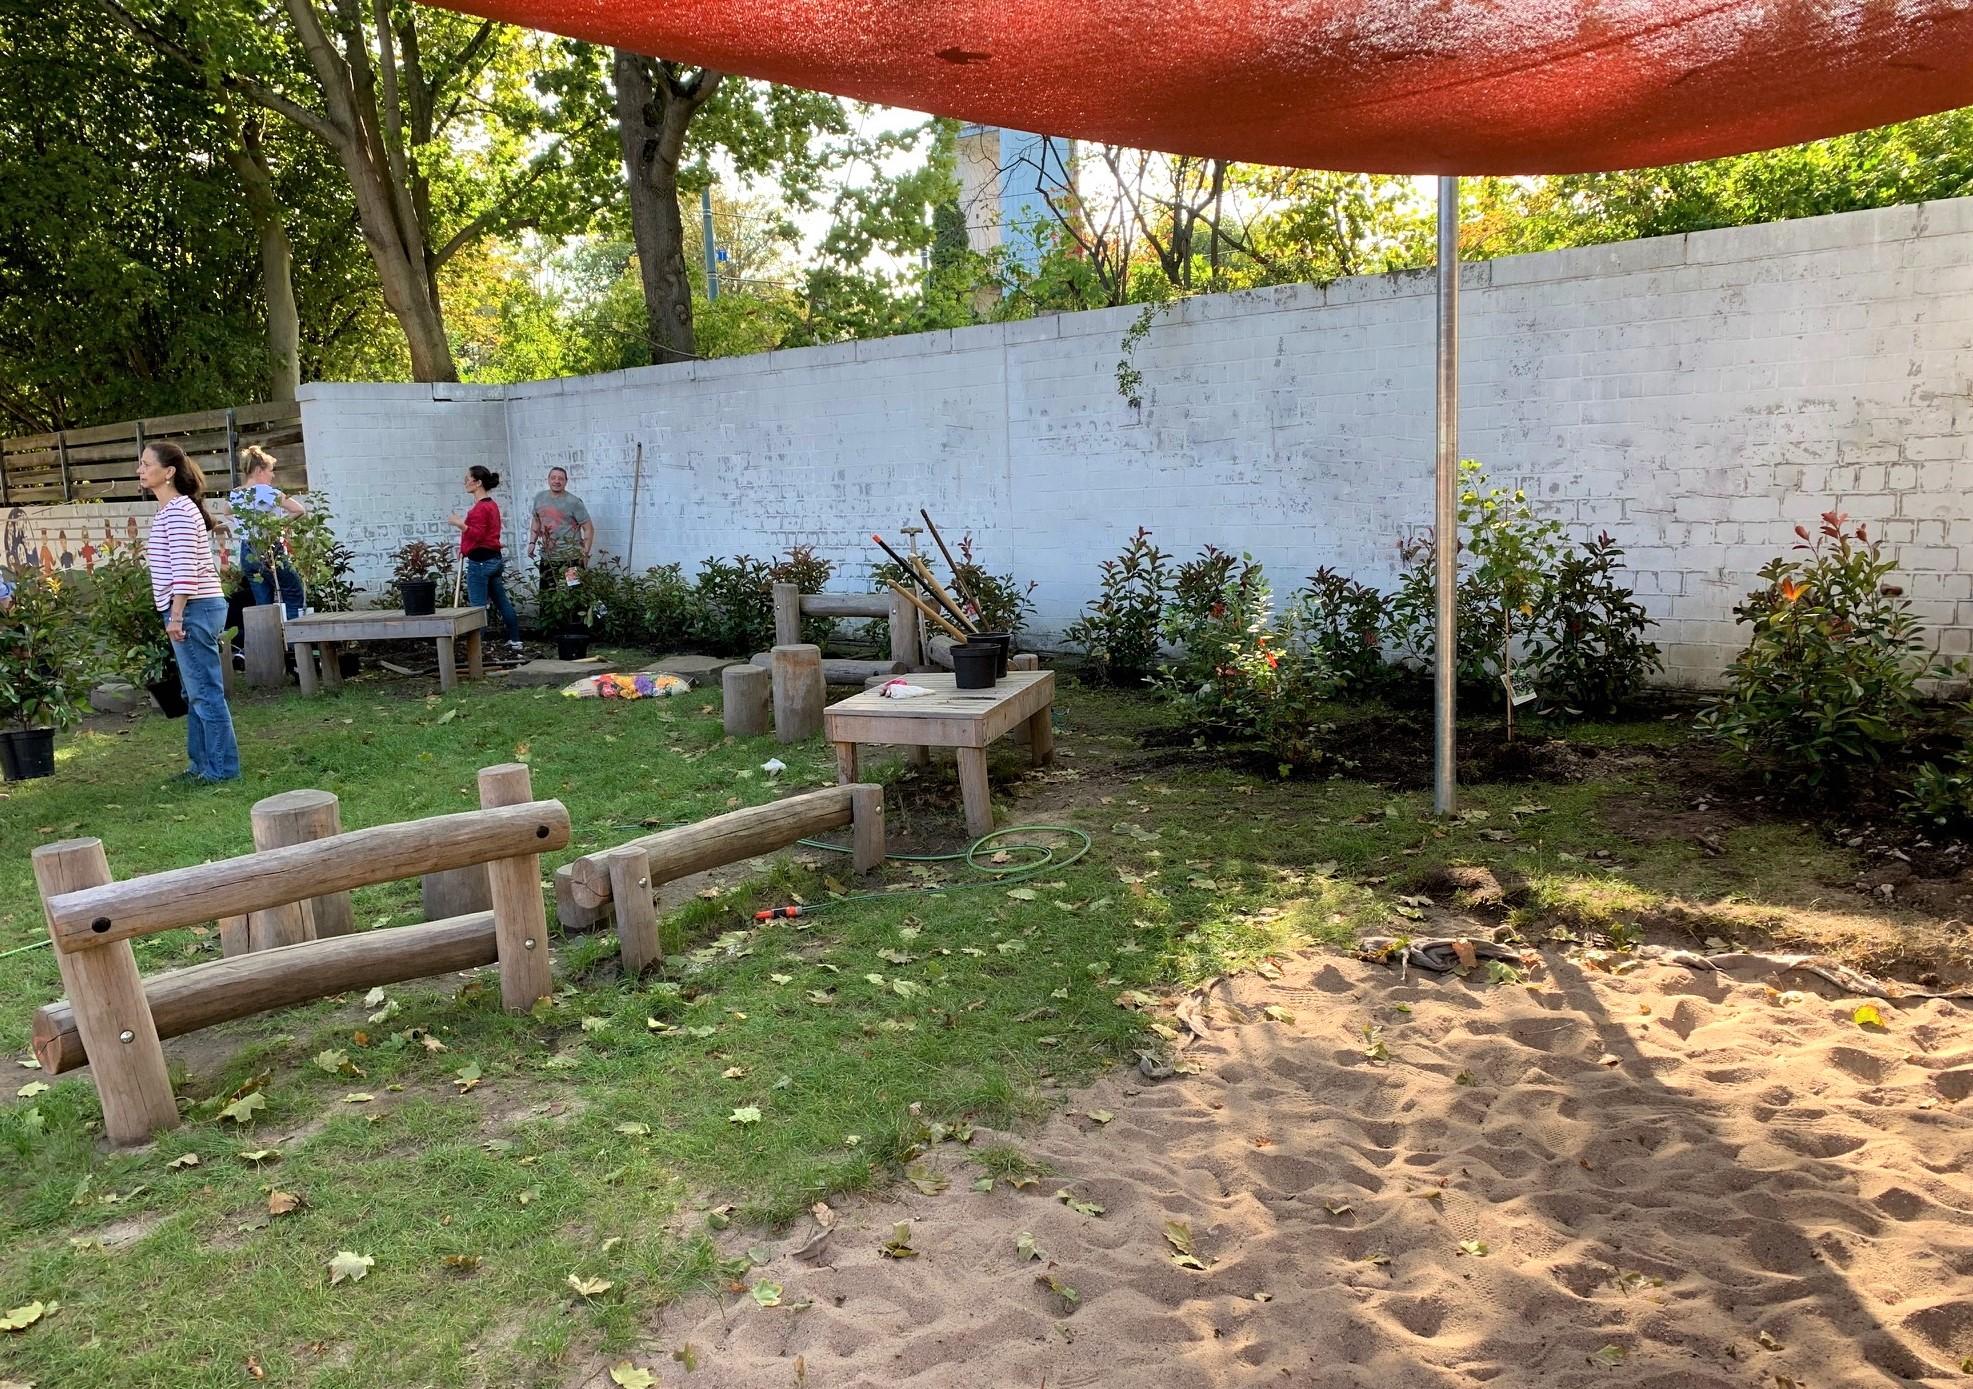 Die Mauer um das Kindergartengelände ist jetzt mit Pflanzen begrünt.